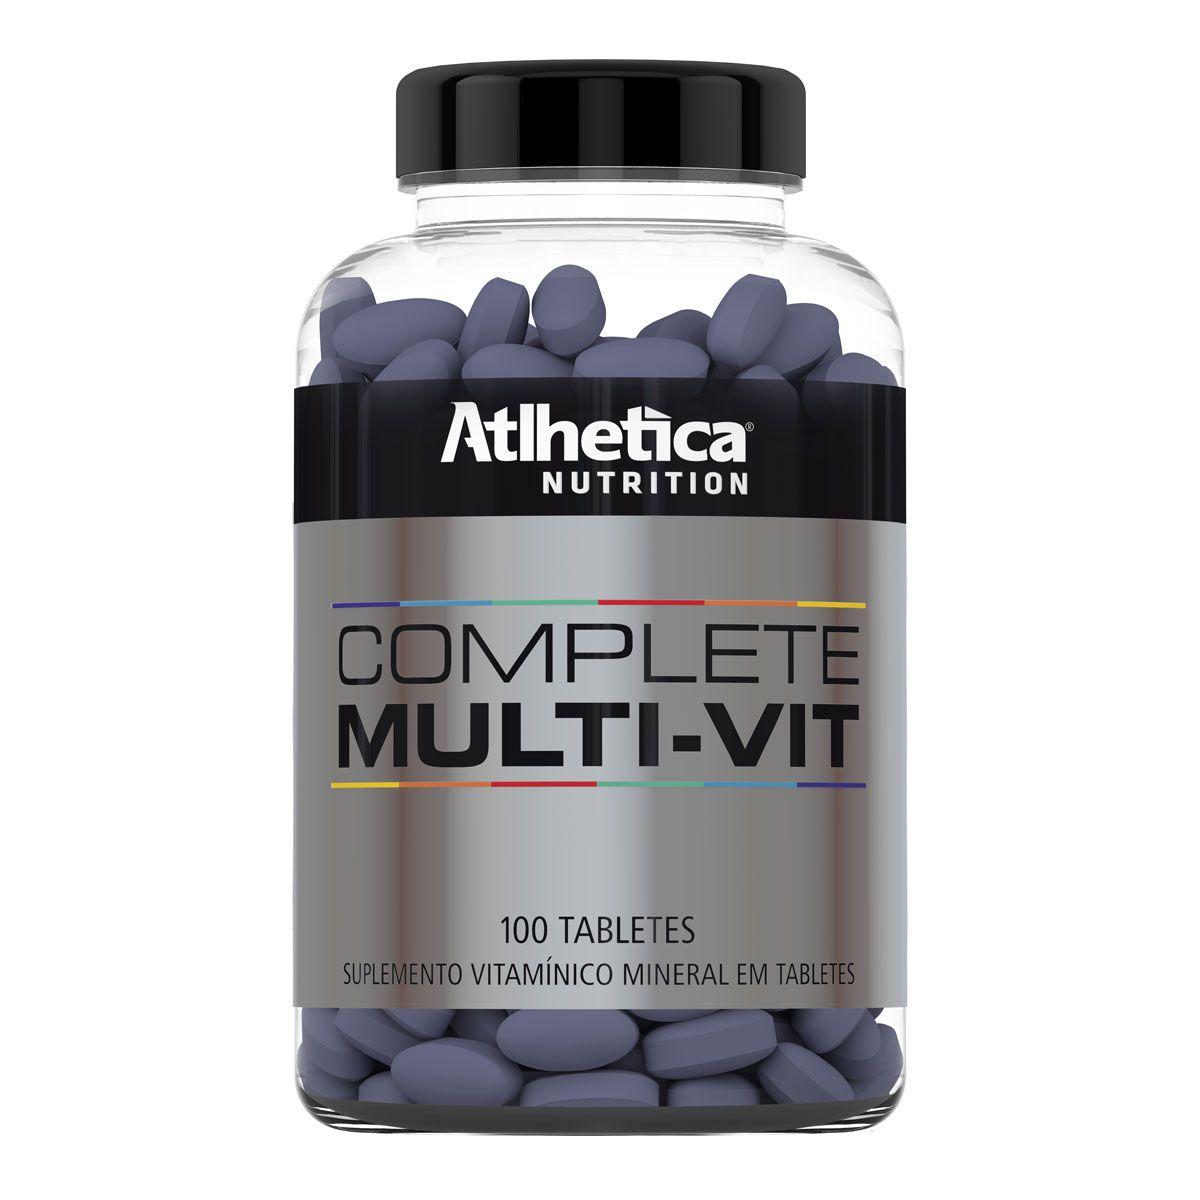 Multivitaminico Atlhetica - Complete Multi-Vit 100 Capsulas